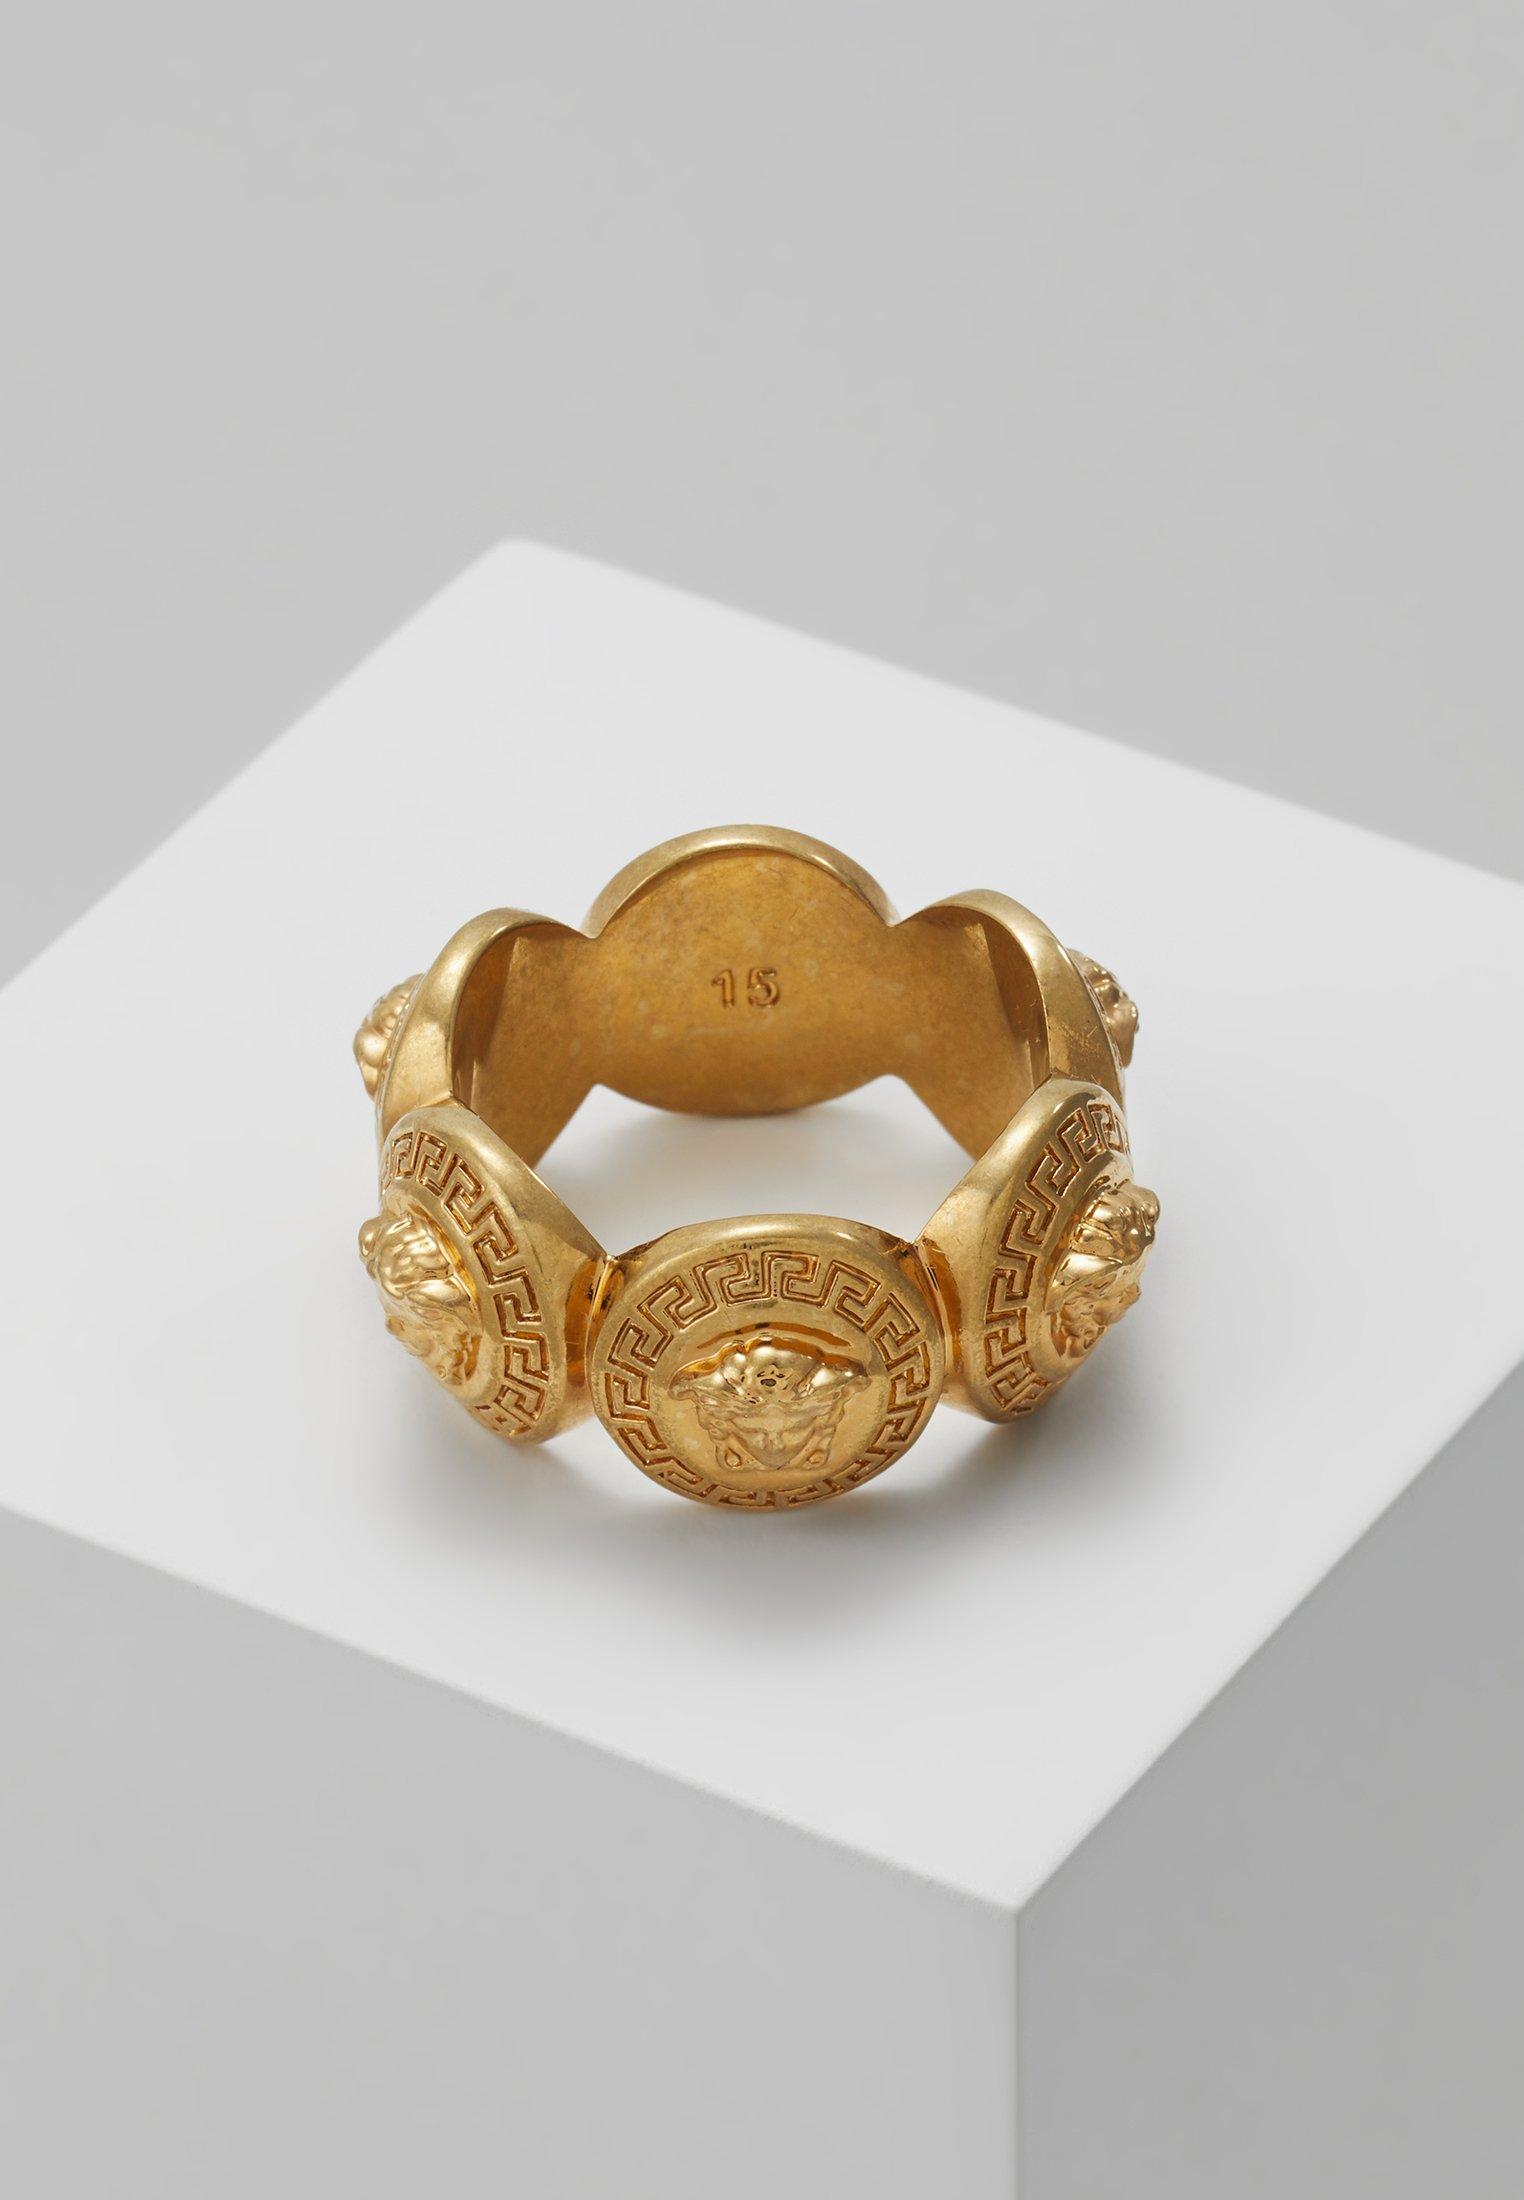 Versace AnelloBague Gold Versace coloured AnelloBague coloured Gold NwP0XZ8nOk